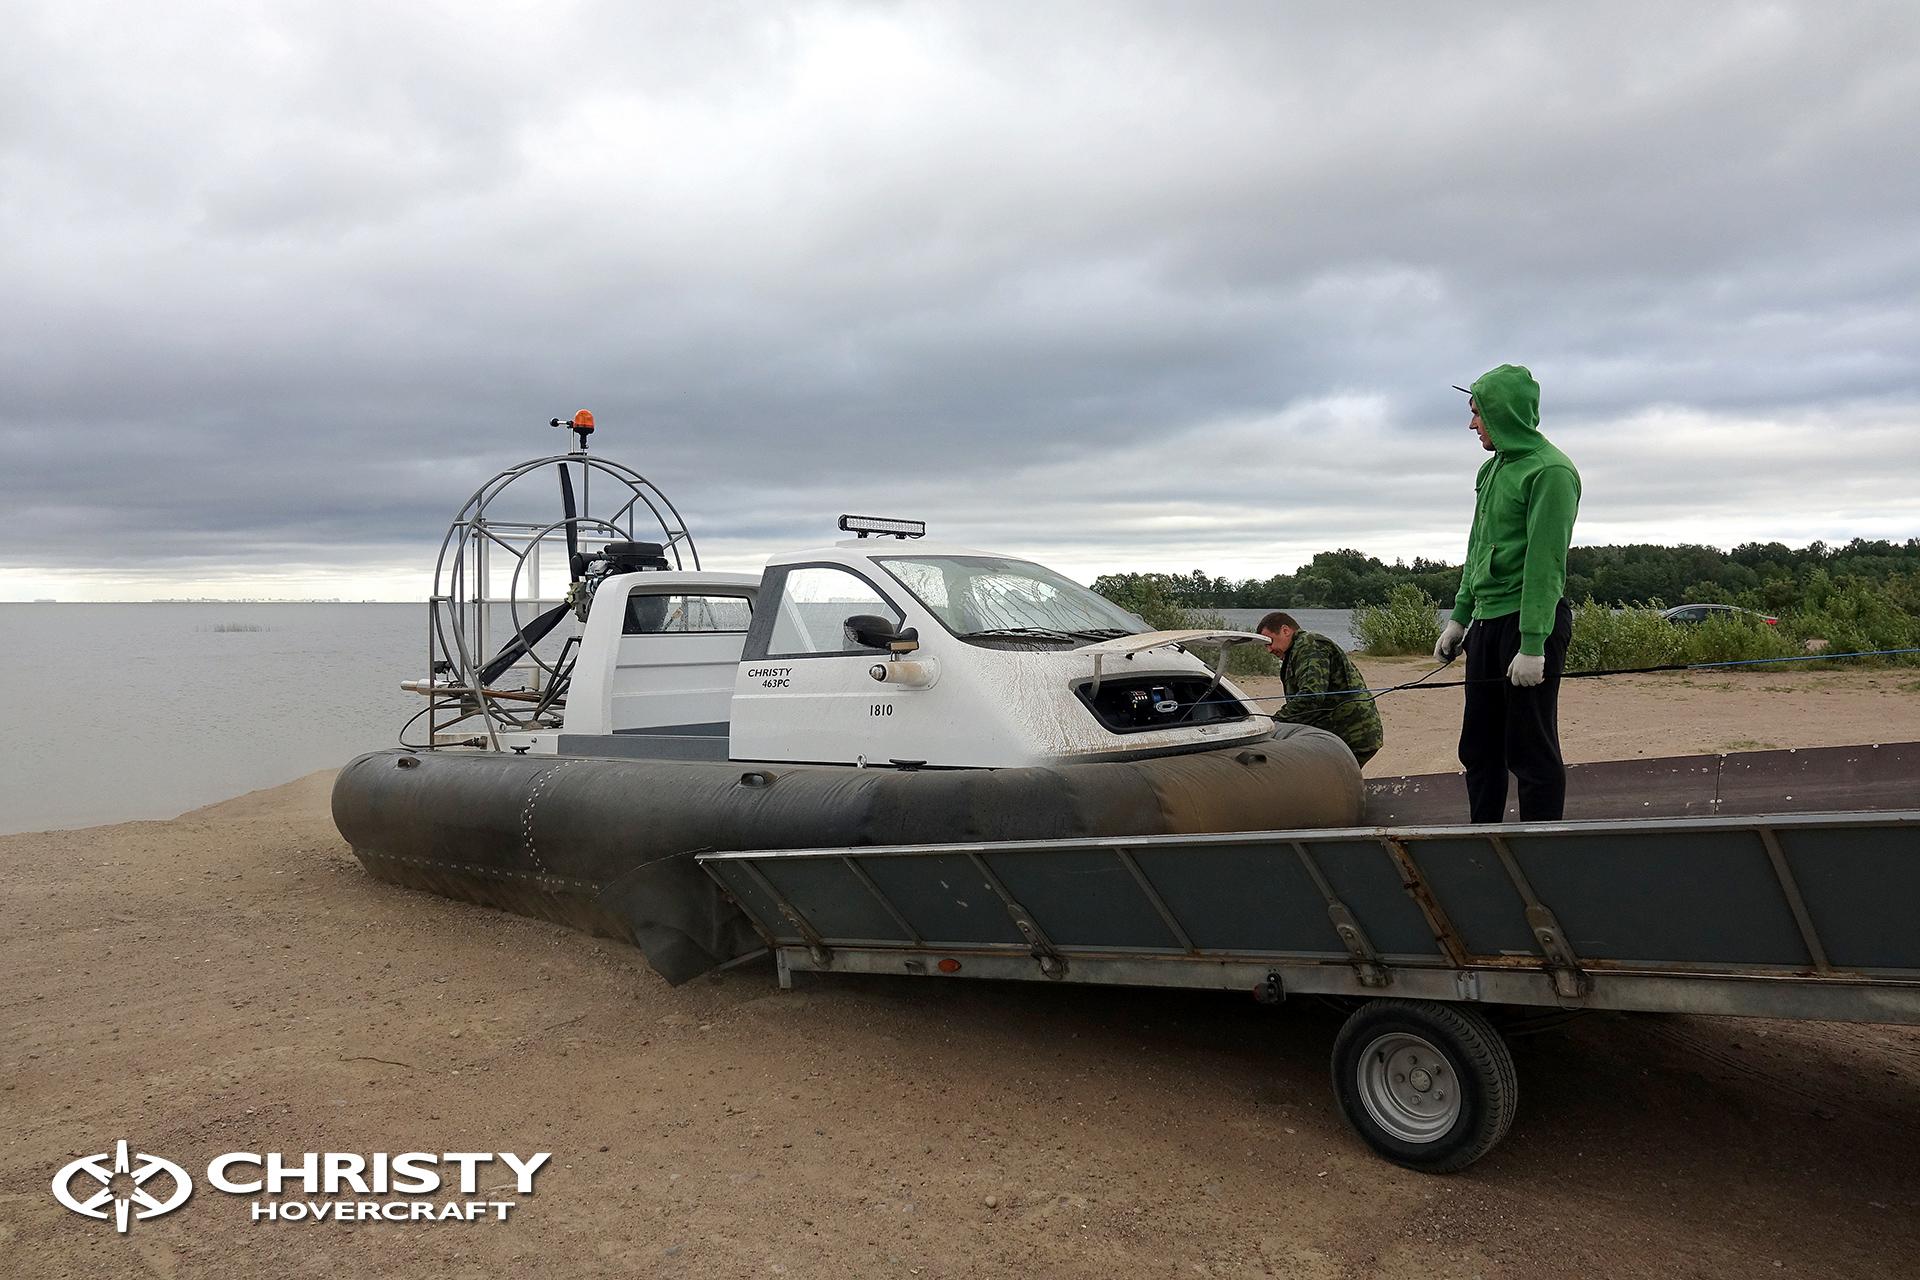 Тест-драйв Christy 463 PC для Ботсваны